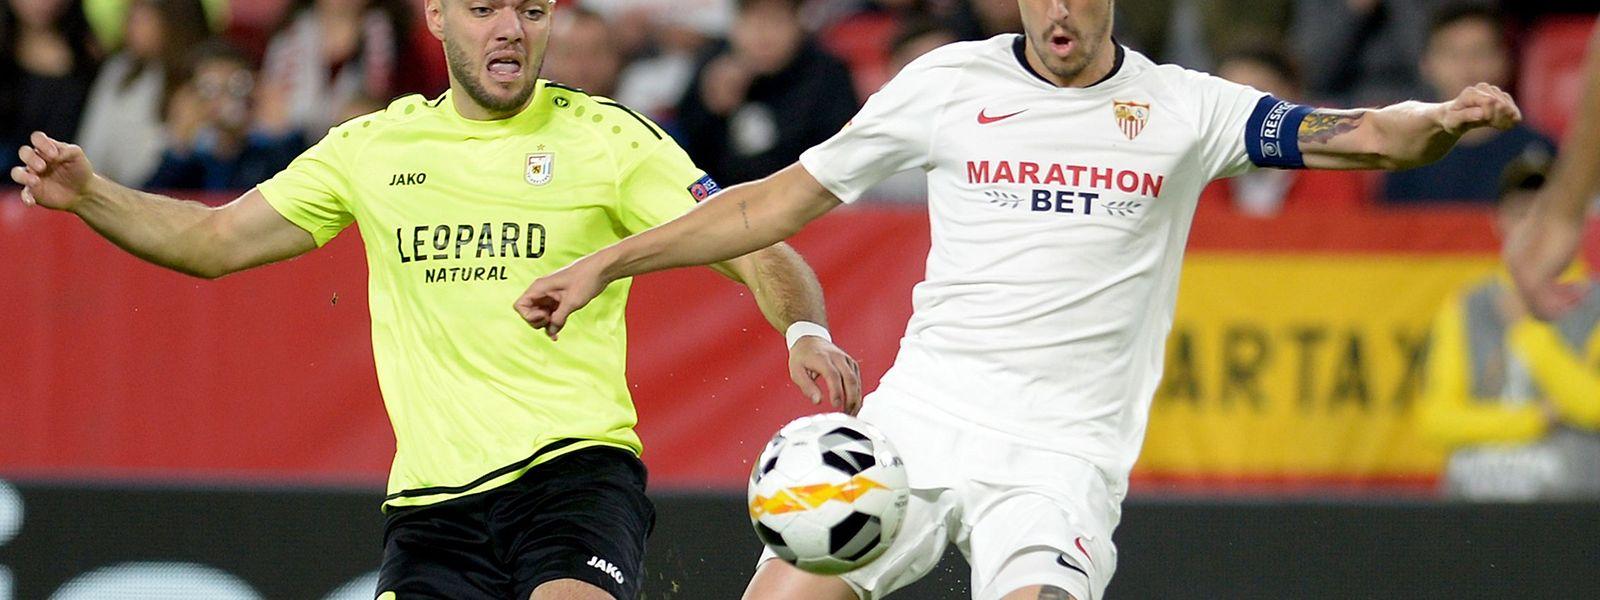 Sergio Escudero (de branco e capitão do Sevilha) em luta com Corenthyn Lavie (de amarelo), jogador do Dudelange.